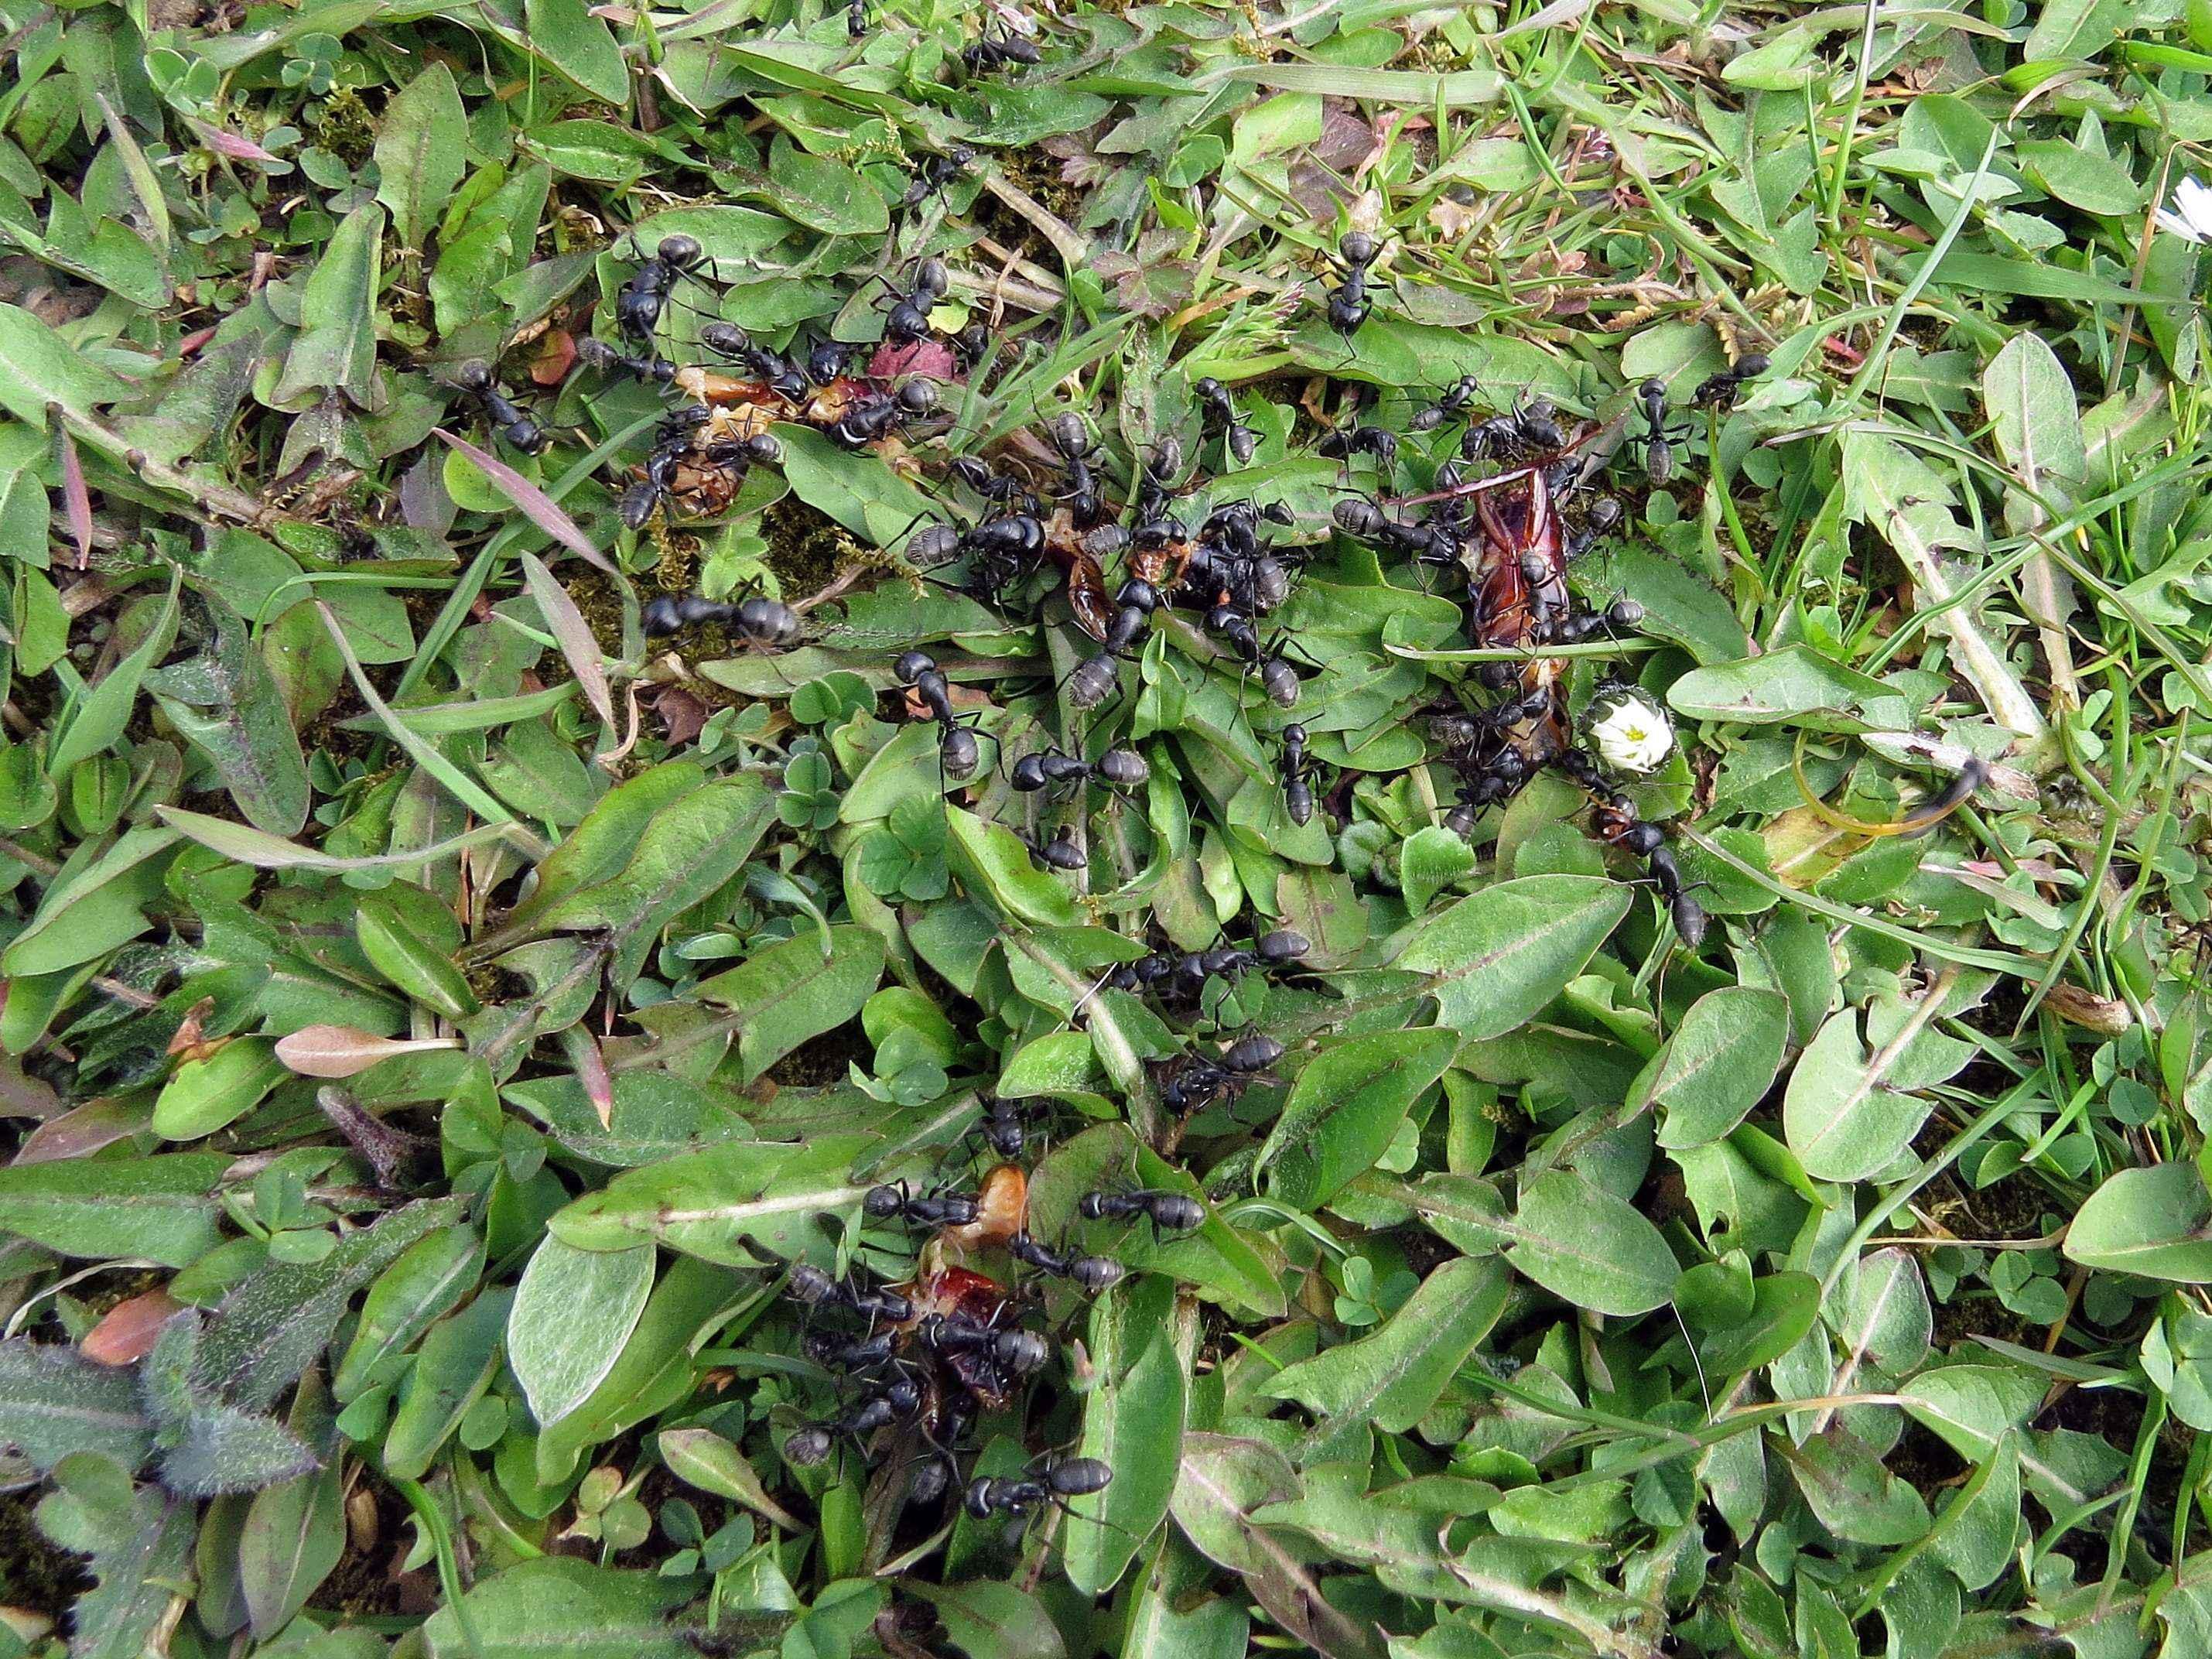 Camponotus vagus: Anstieg der Aktivität